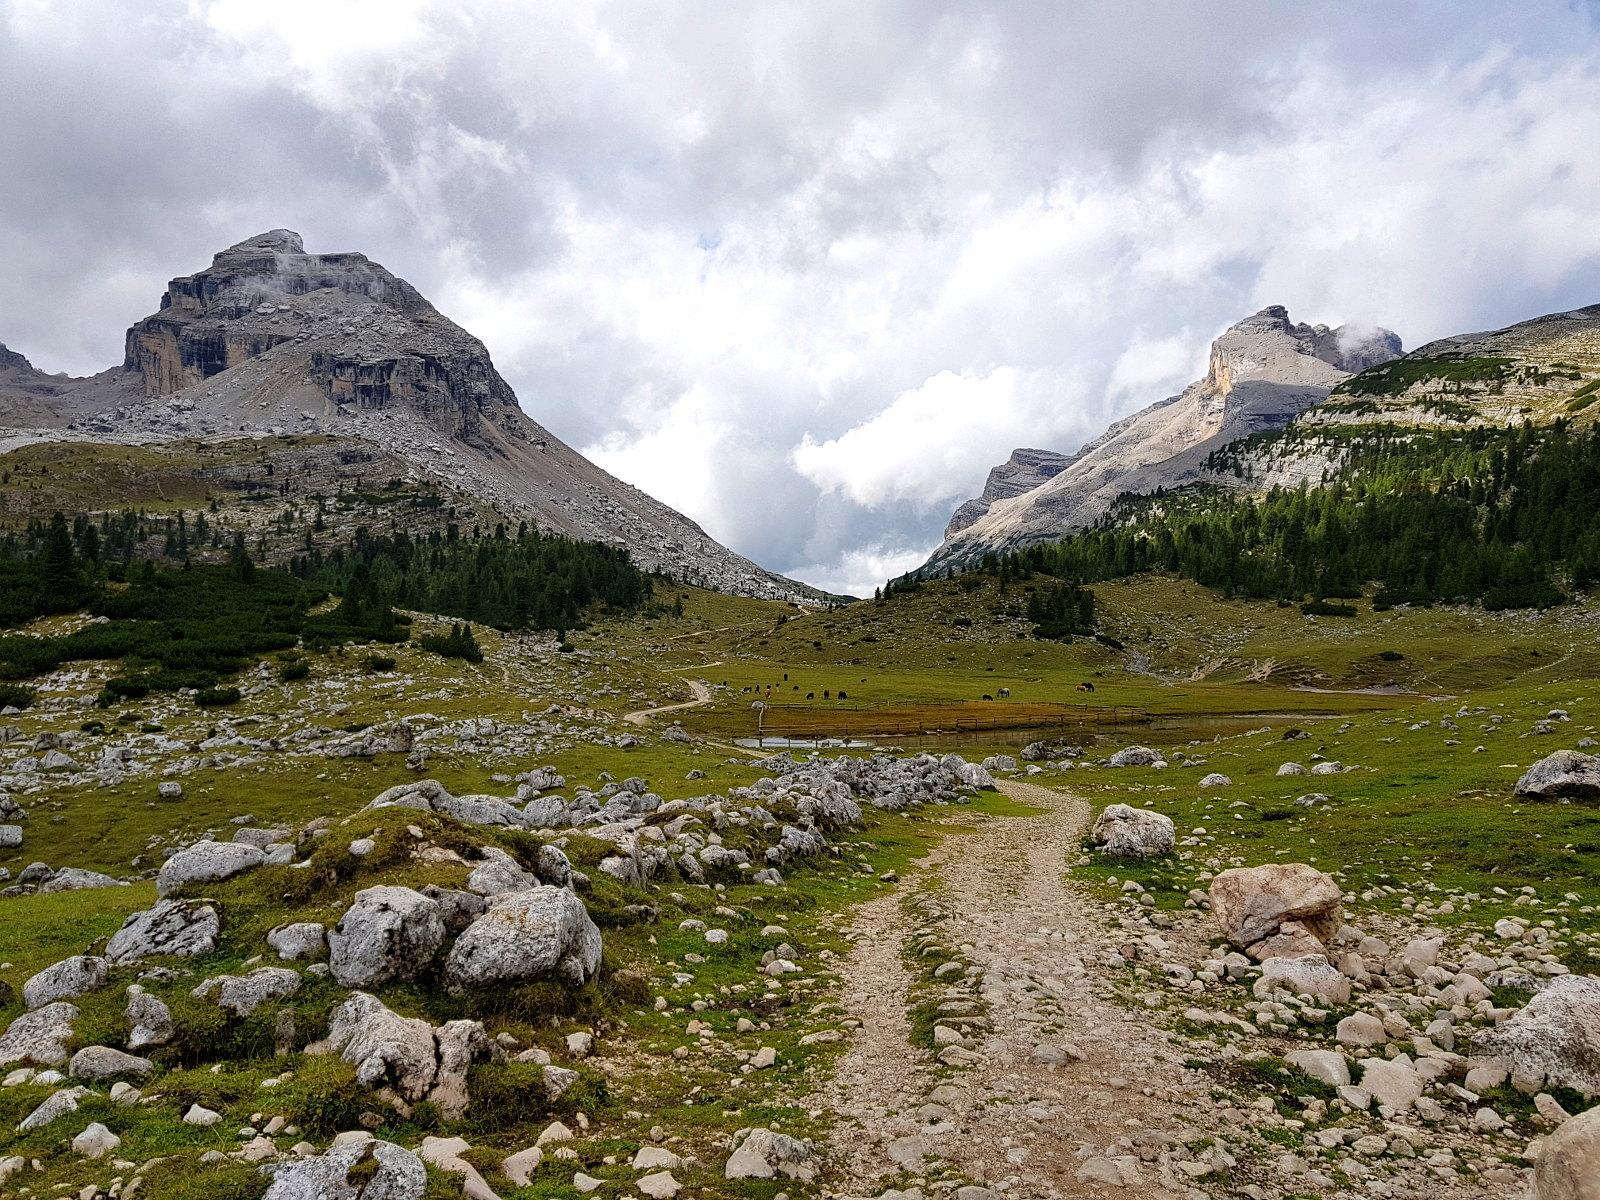 wunderbare Berge und ladinische Geschichten